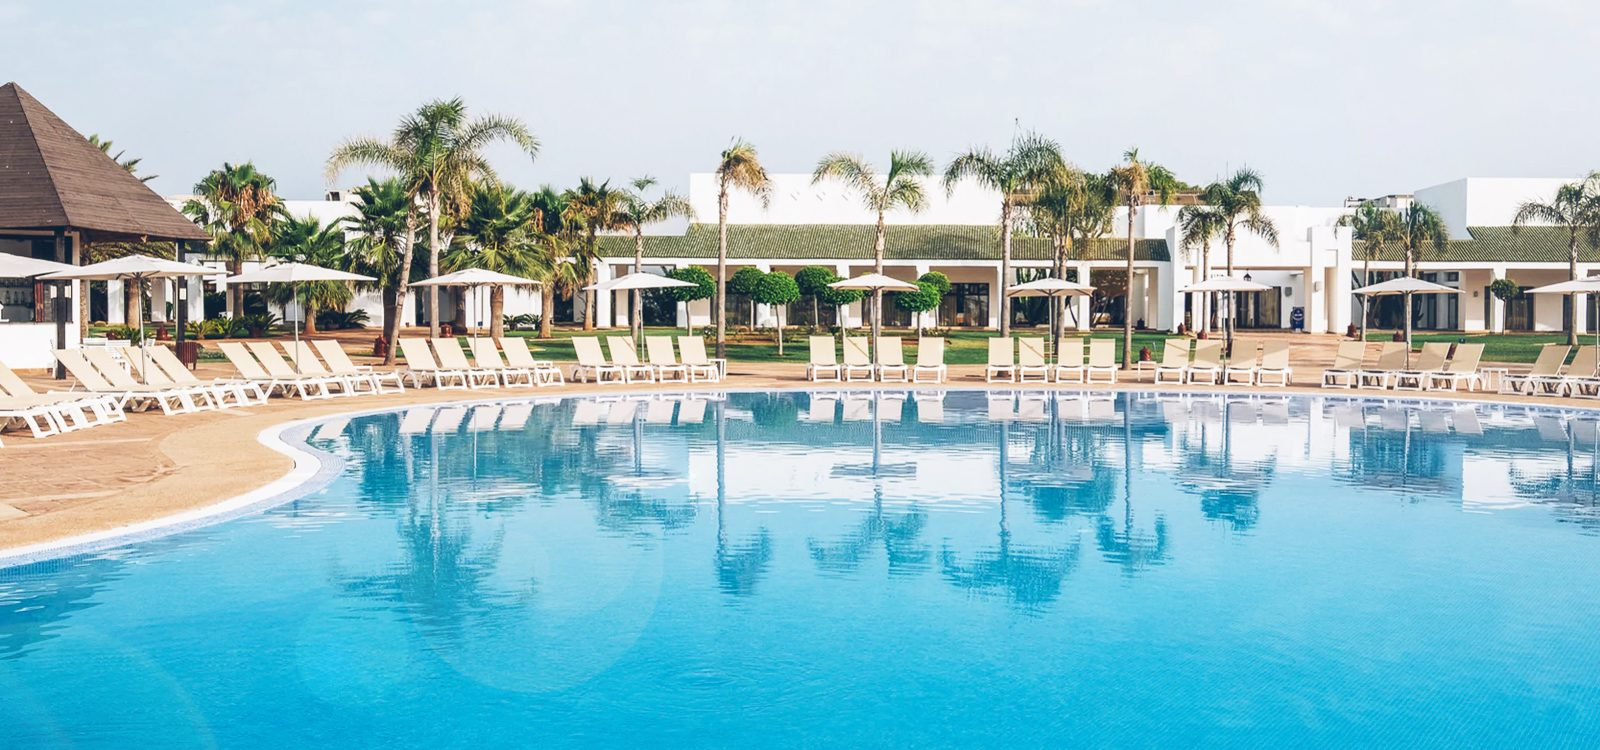 iberostar hotel Saidia en Marruecos con Todo Incluido